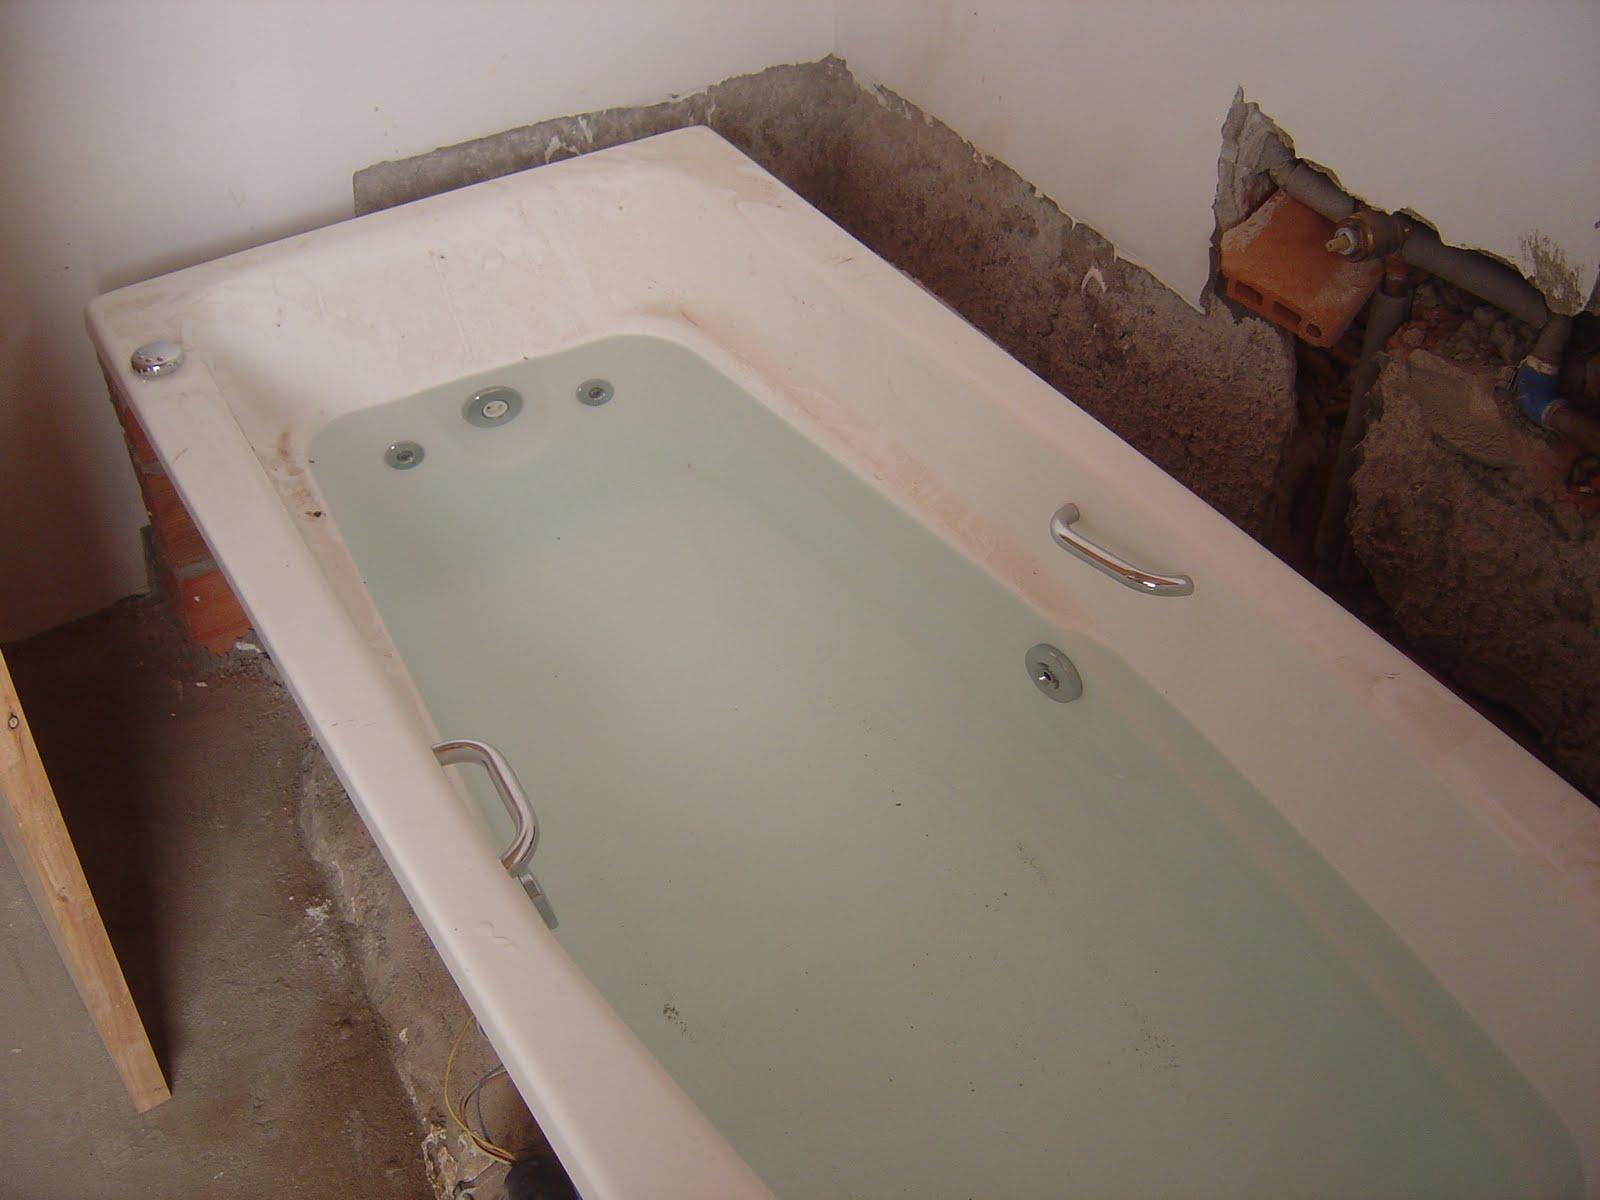 da banheira e liberar a finalização do banheiro da suíte #8B6840 1600x1200 Banheiro Com Banheira Antiga